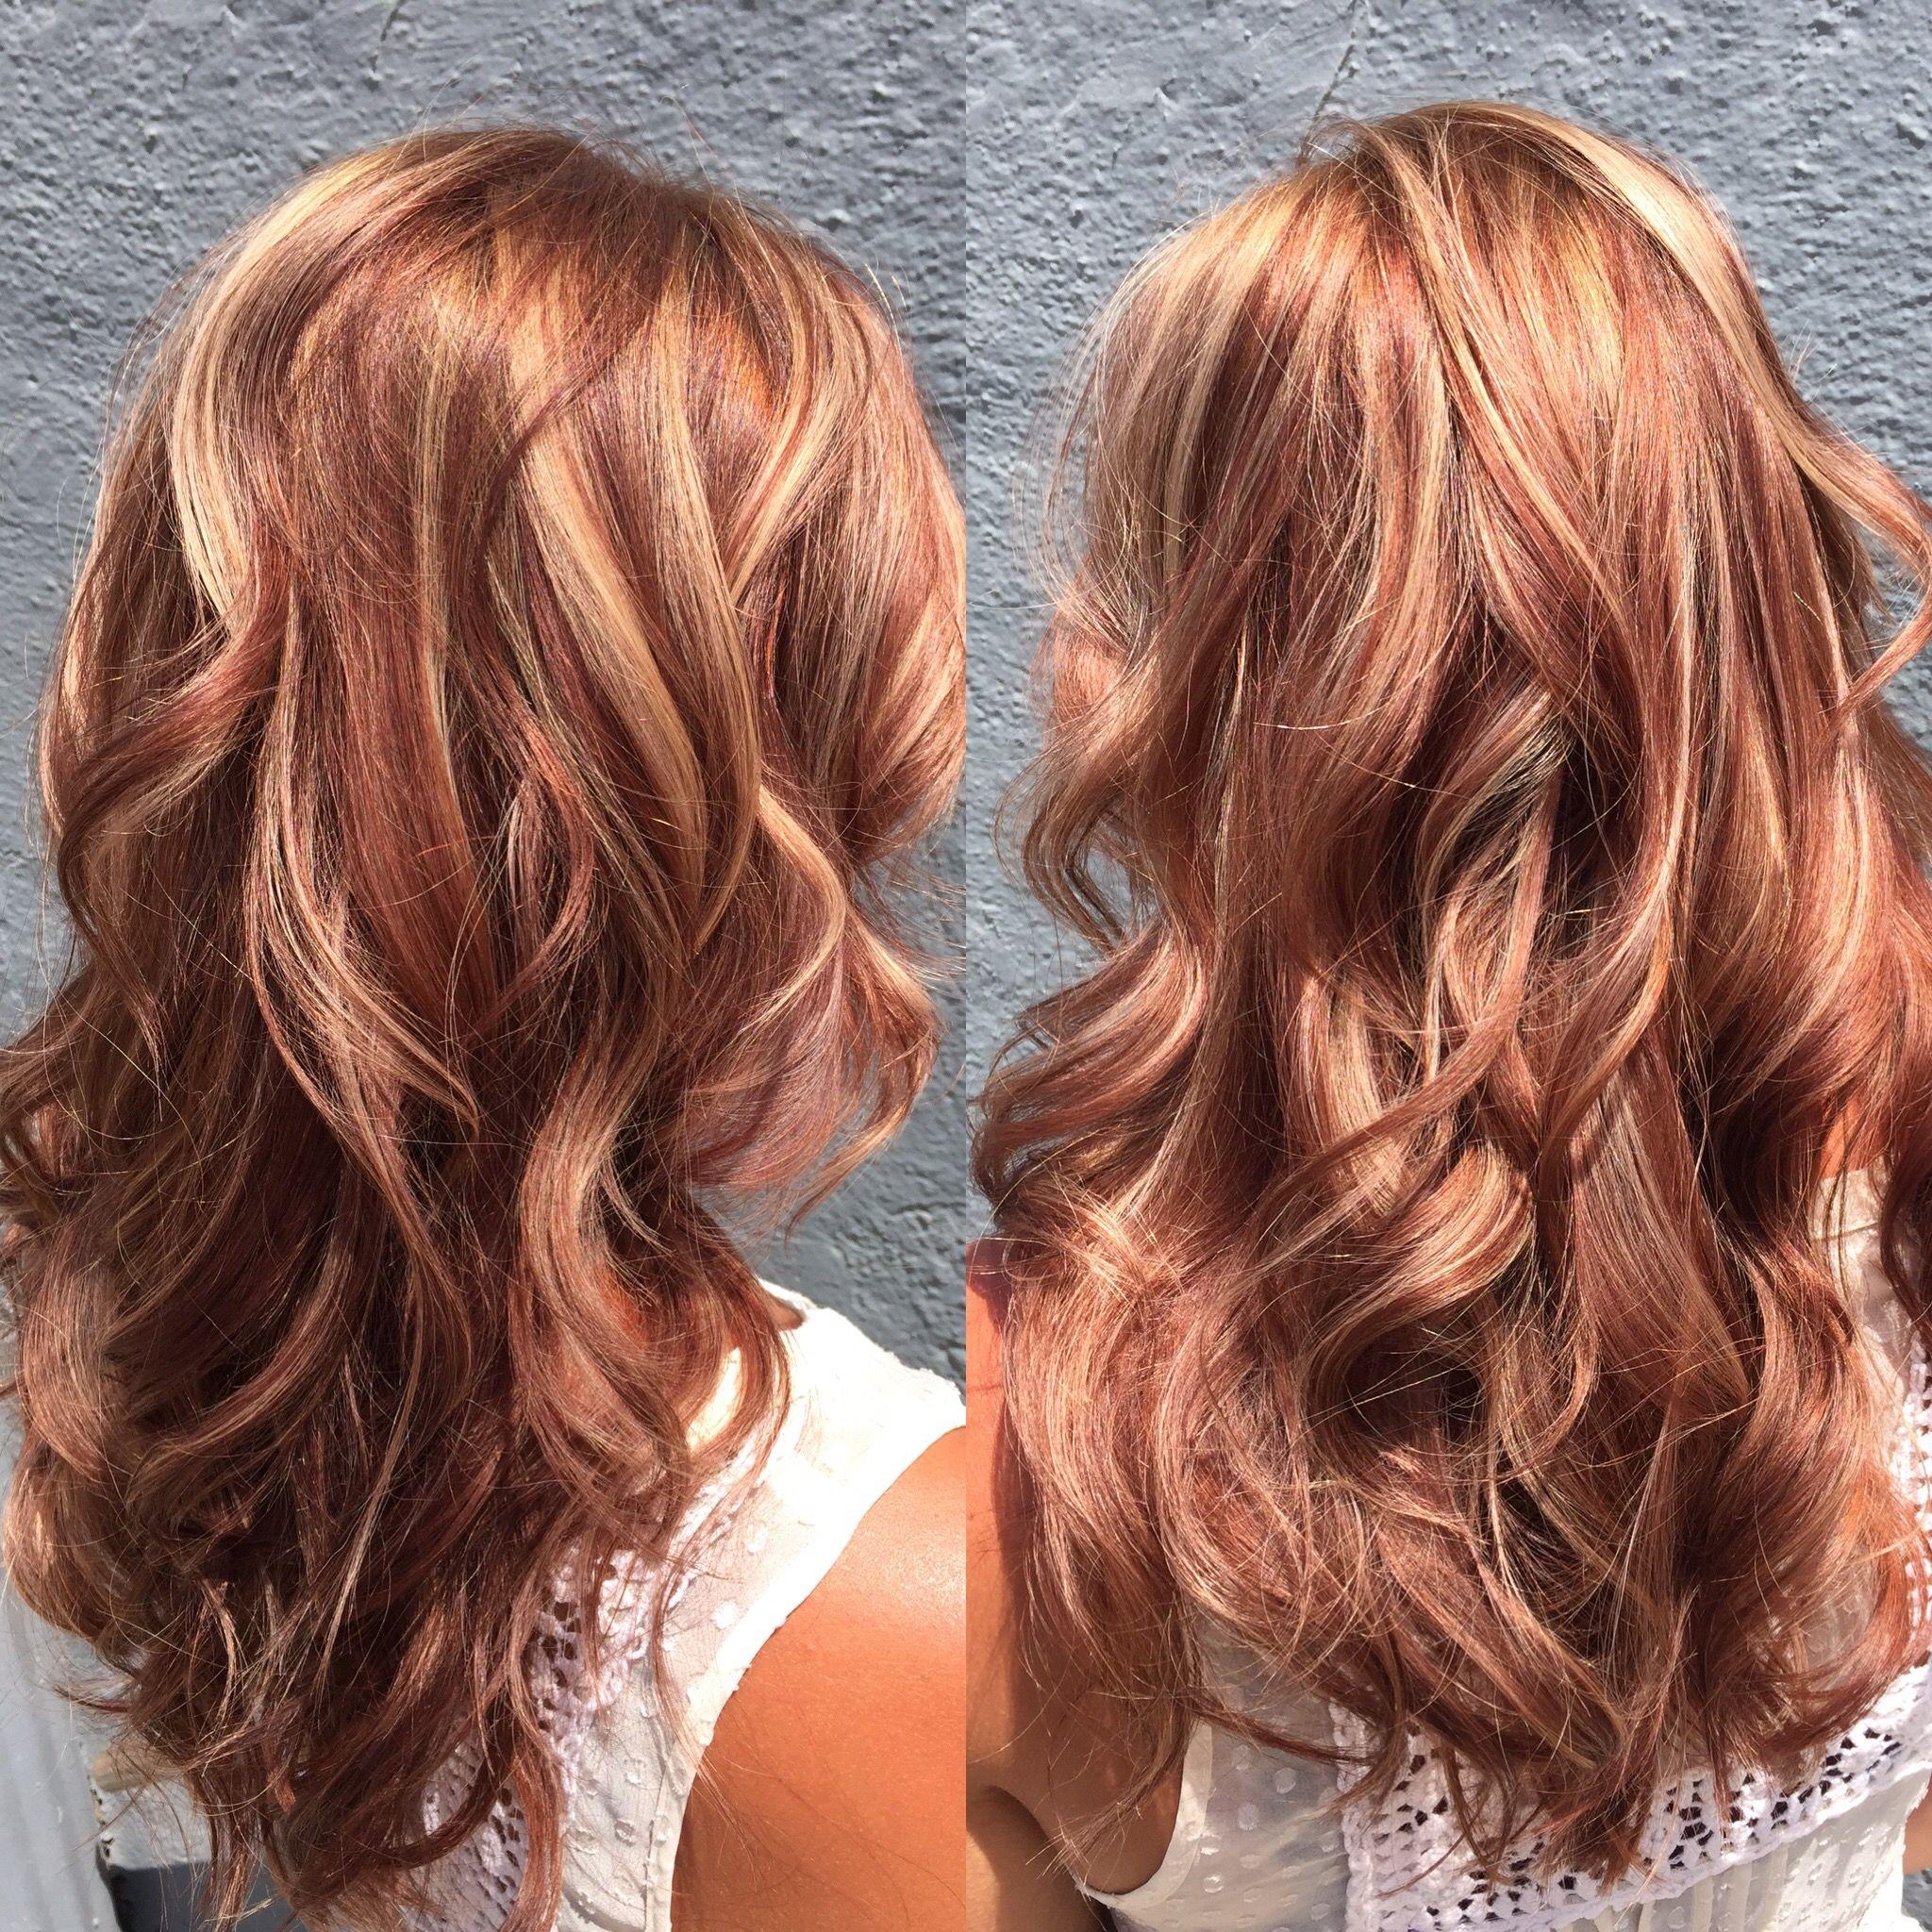 Hair Hilite-lowlite-auburn-red-blonde-waves-long hair ...